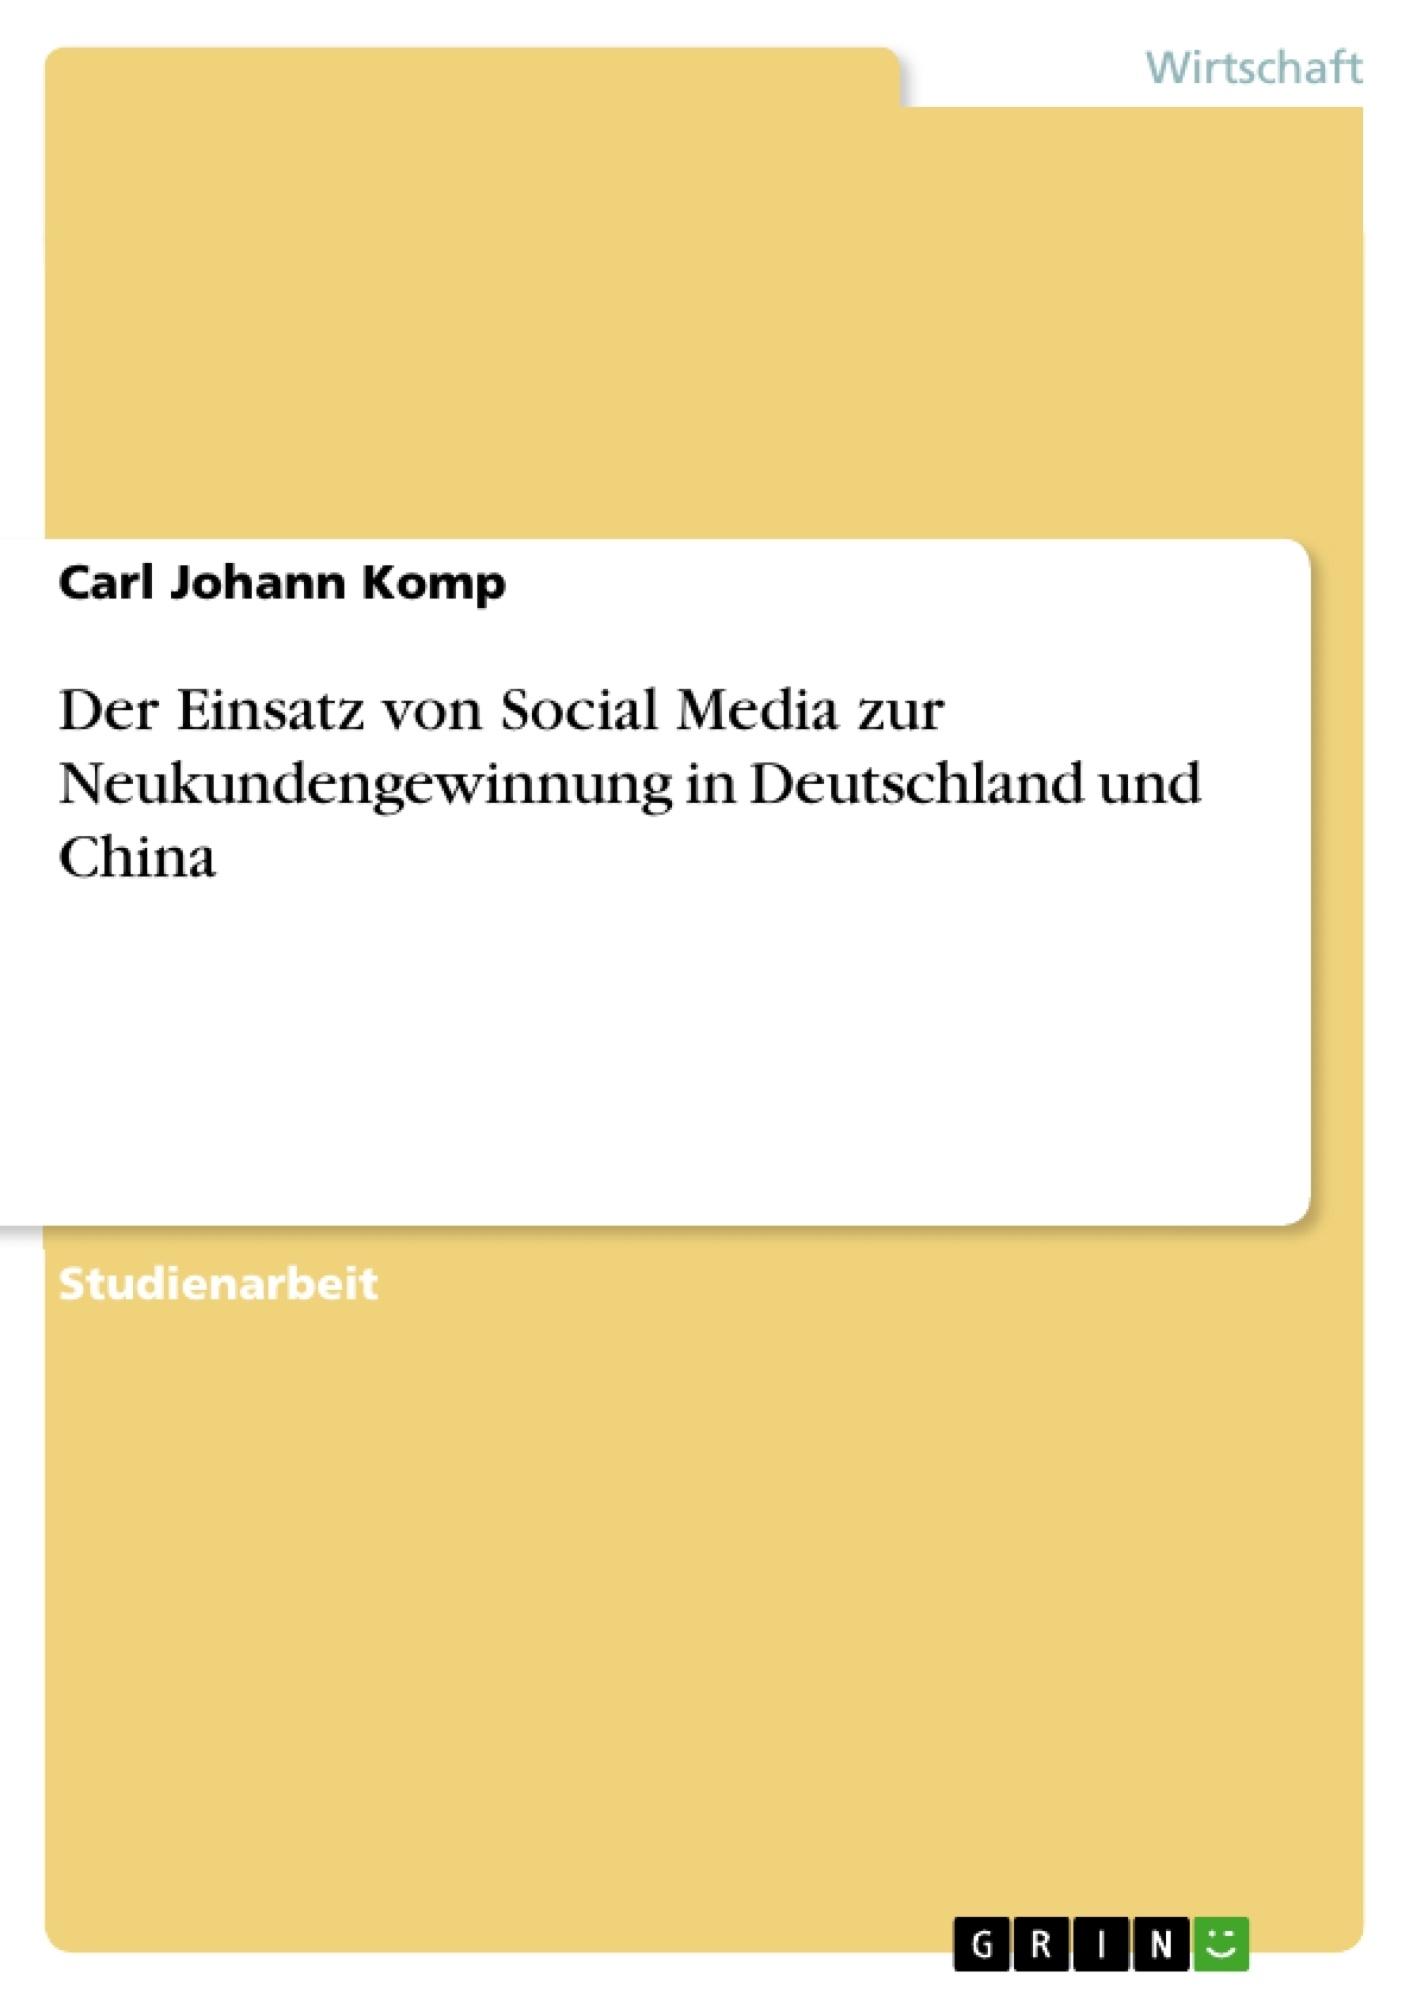 Titel: Der Einsatz von Social Media zur Neukundengewinnung in Deutschland und China